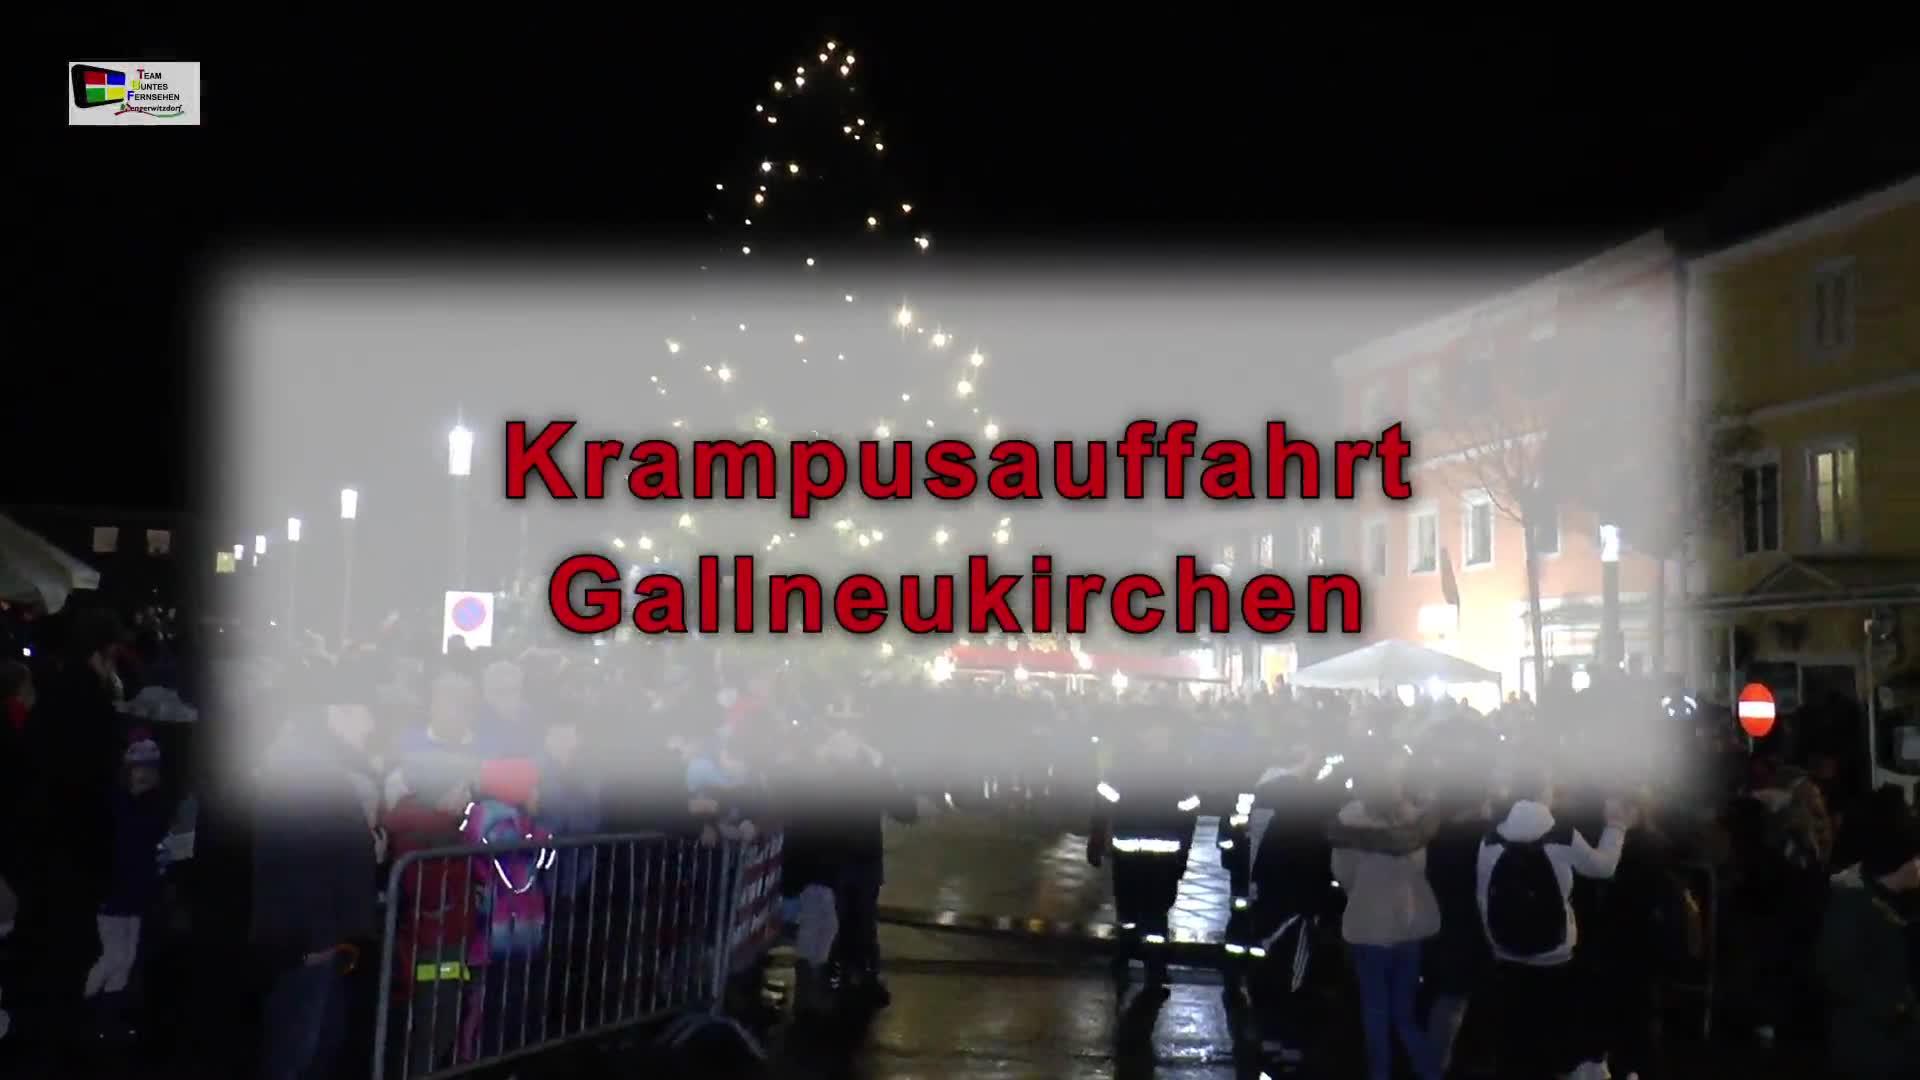 Krampusauffahrt Gallneukirchen